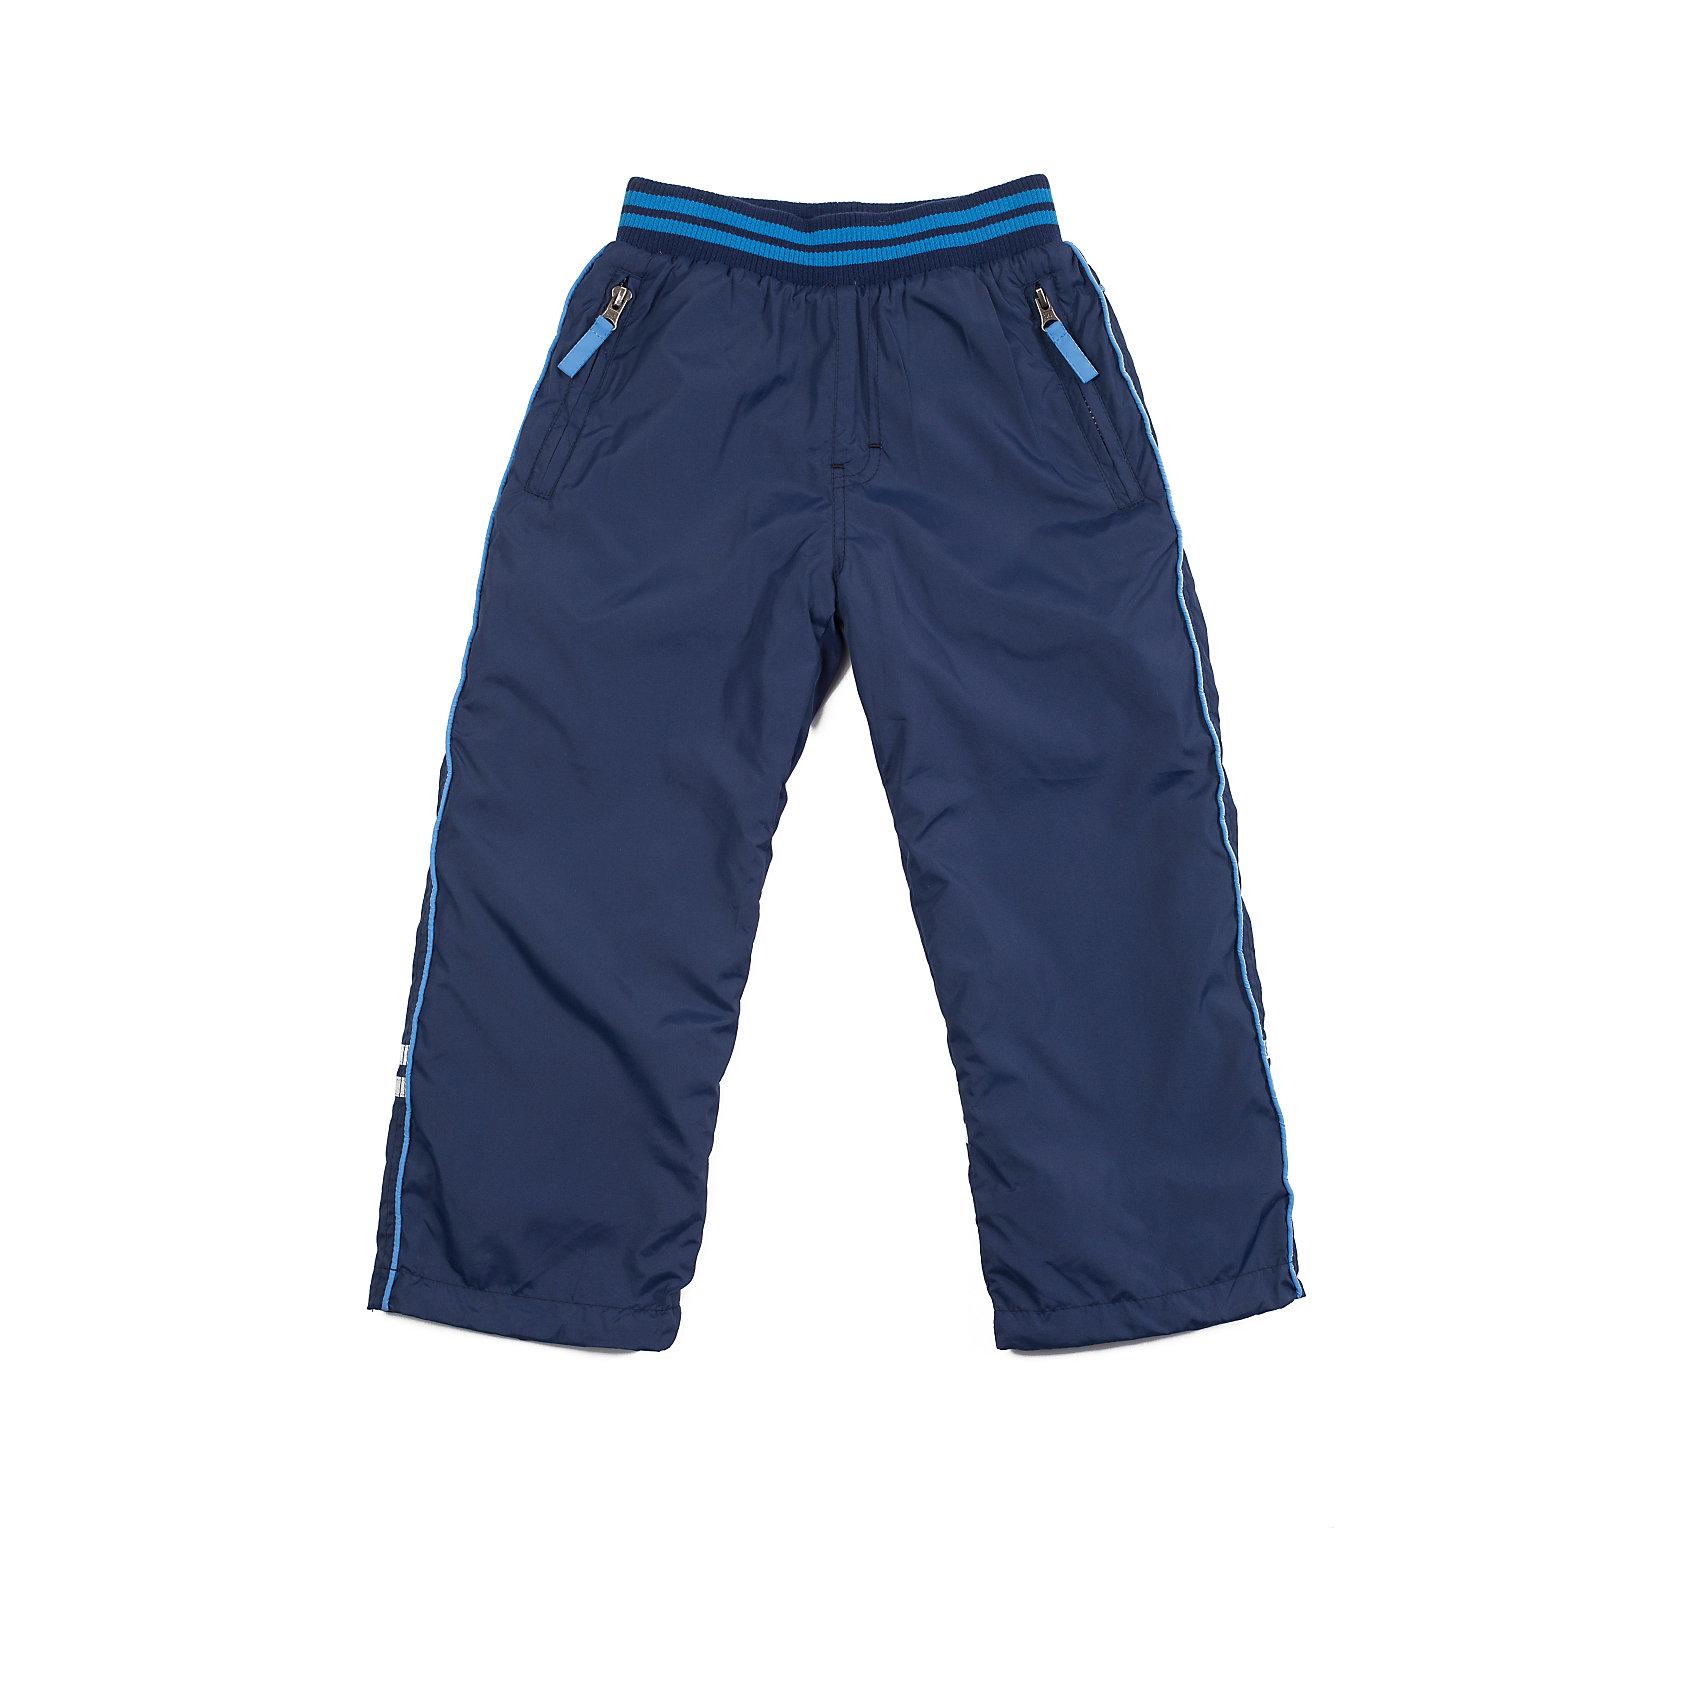 Брюки для мальчика Sweet BerryВерхняя одежда<br>Брюки утепленные для мальчика, непромокаемые, со светоотражателями, подкладка из флиса, пояс на удобном рибе, декрированы контрастными деталями.<br>Состав:<br>Верх: 100% полиэстер, Подкладка: 100%полиэстер<br><br>Ширина мм: 215<br>Глубина мм: 88<br>Высота мм: 191<br>Вес г: 336<br>Цвет: синий<br>Возраст от месяцев: 36<br>Возраст до месяцев: 48<br>Пол: Мужской<br>Возраст: Детский<br>Размер: 104,110,98,128,122,116<br>SKU: 4273326